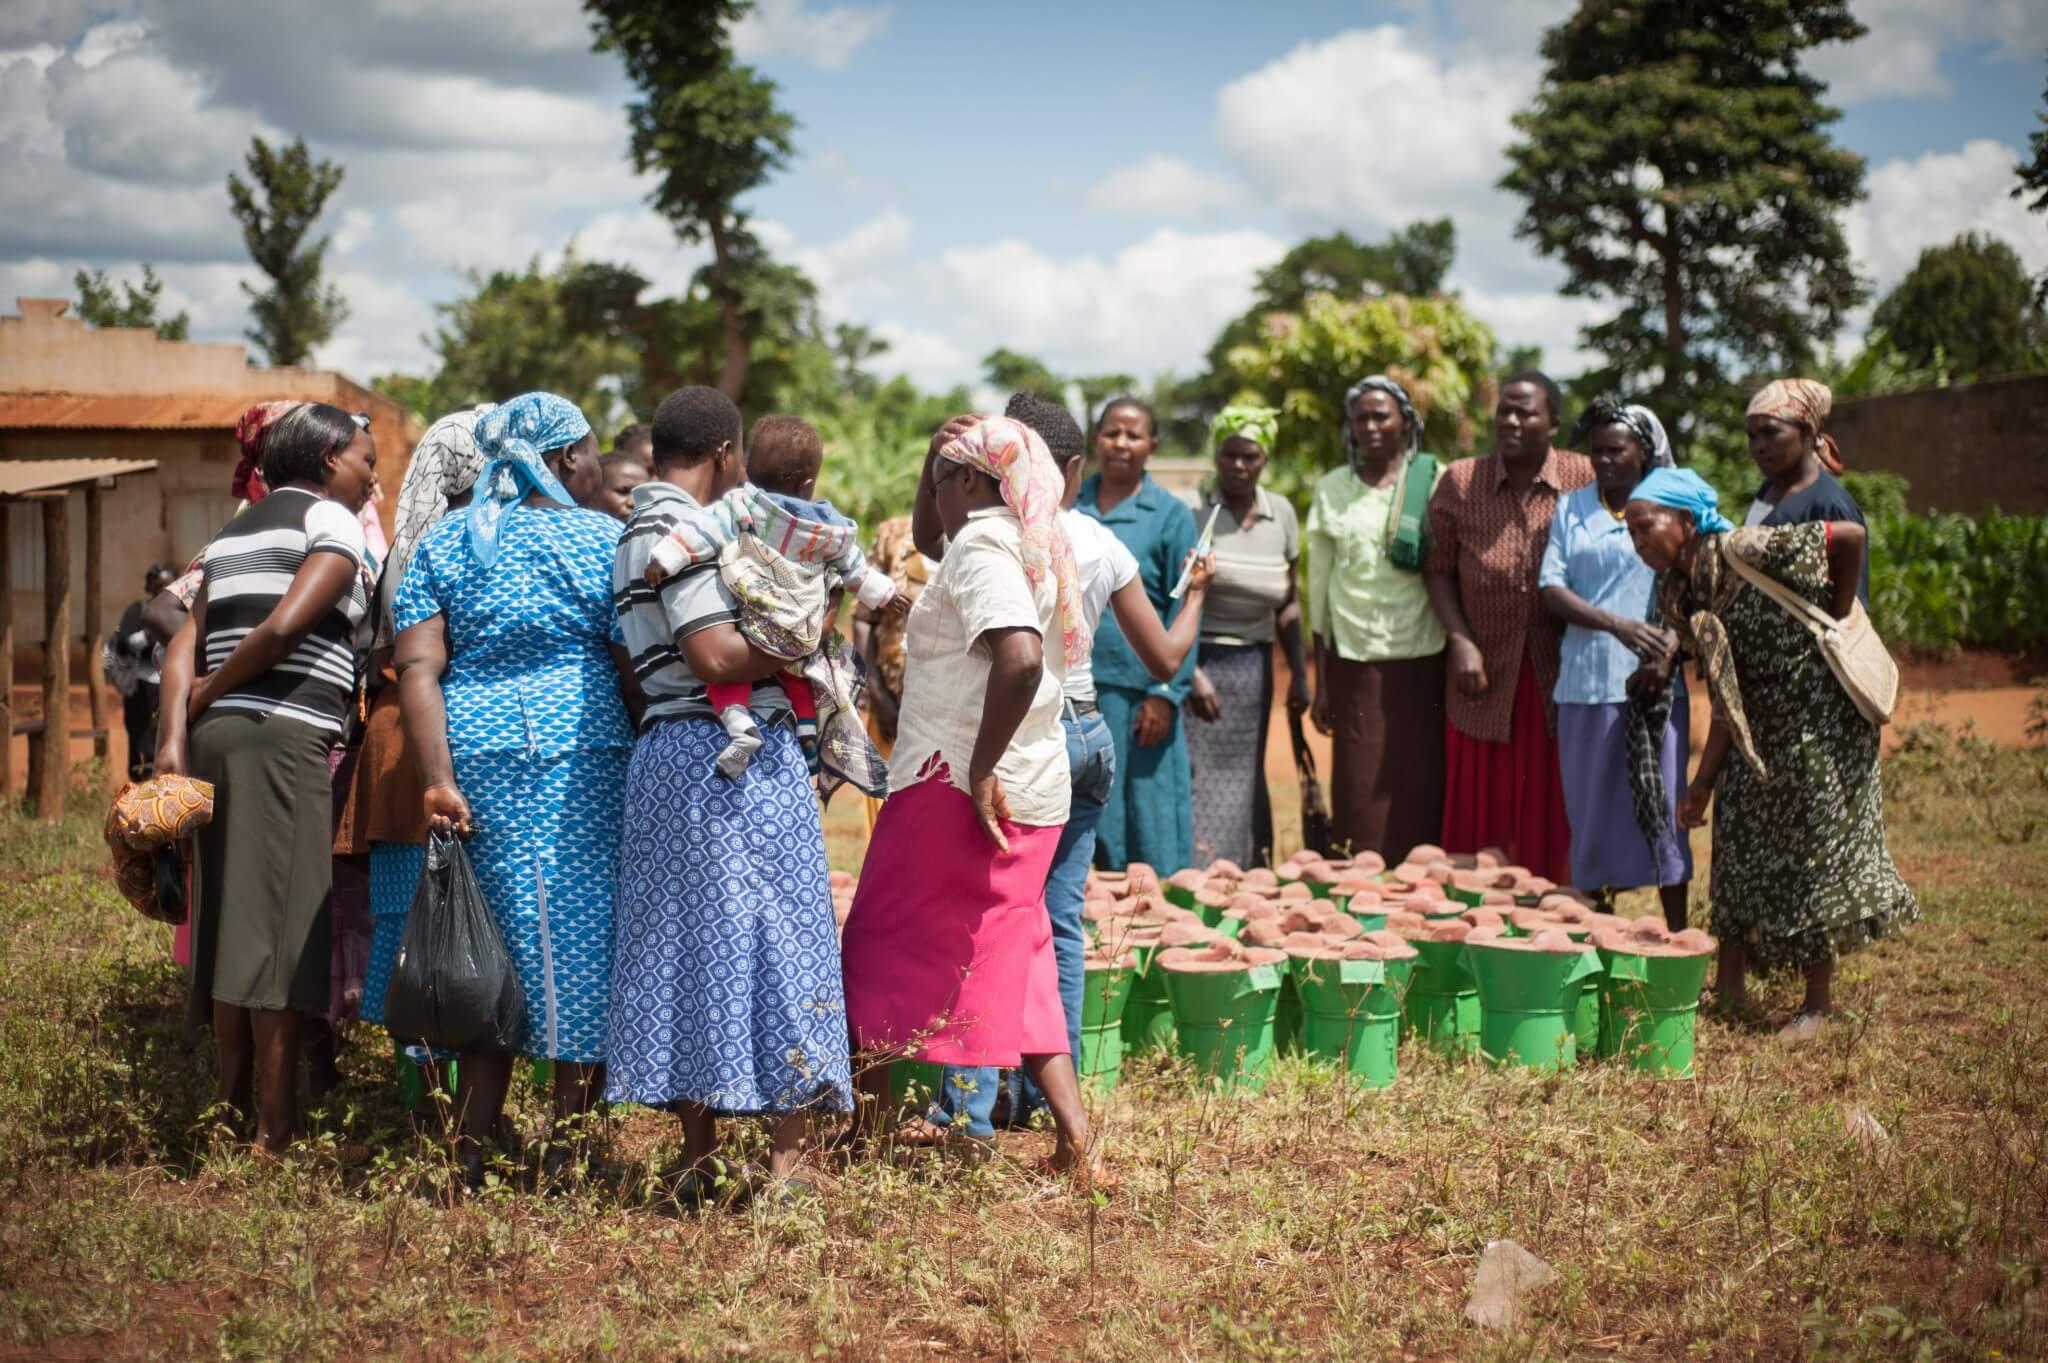 Nos 5 ingrédients clés<br>pour générer de l'impact à grande échelle<br>avec les communautés rurales